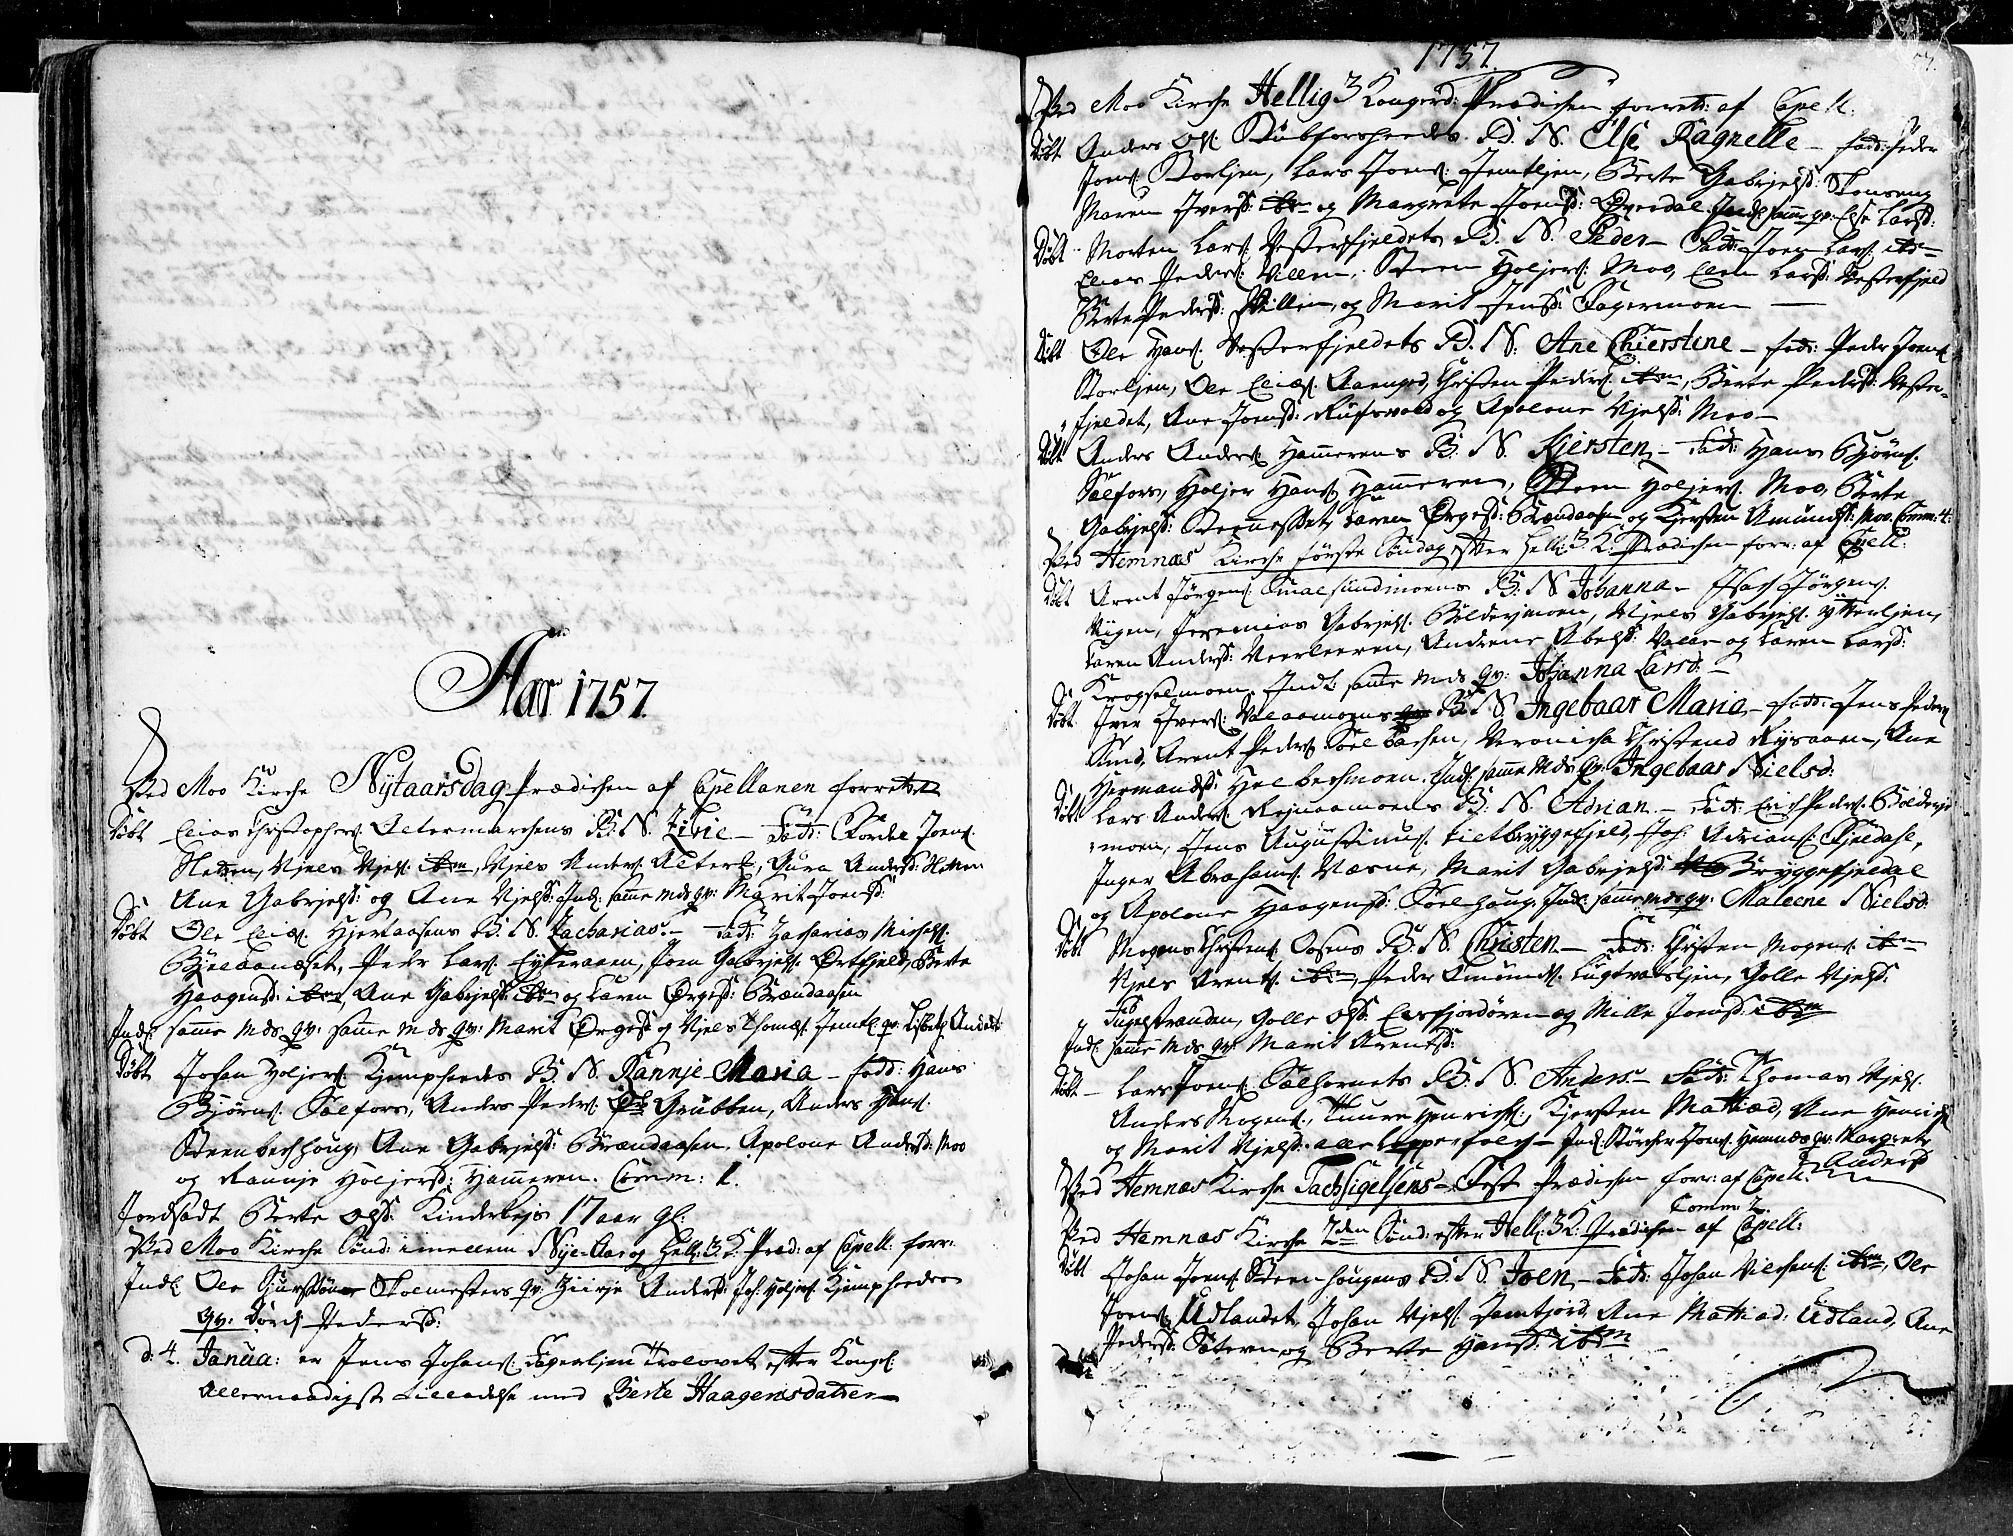 SAT, Ministerialprotokoller, klokkerbøker og fødselsregistre - Nordland, 825/L0348: Parish register (official) no. 825A04, 1752-1788, p. 57